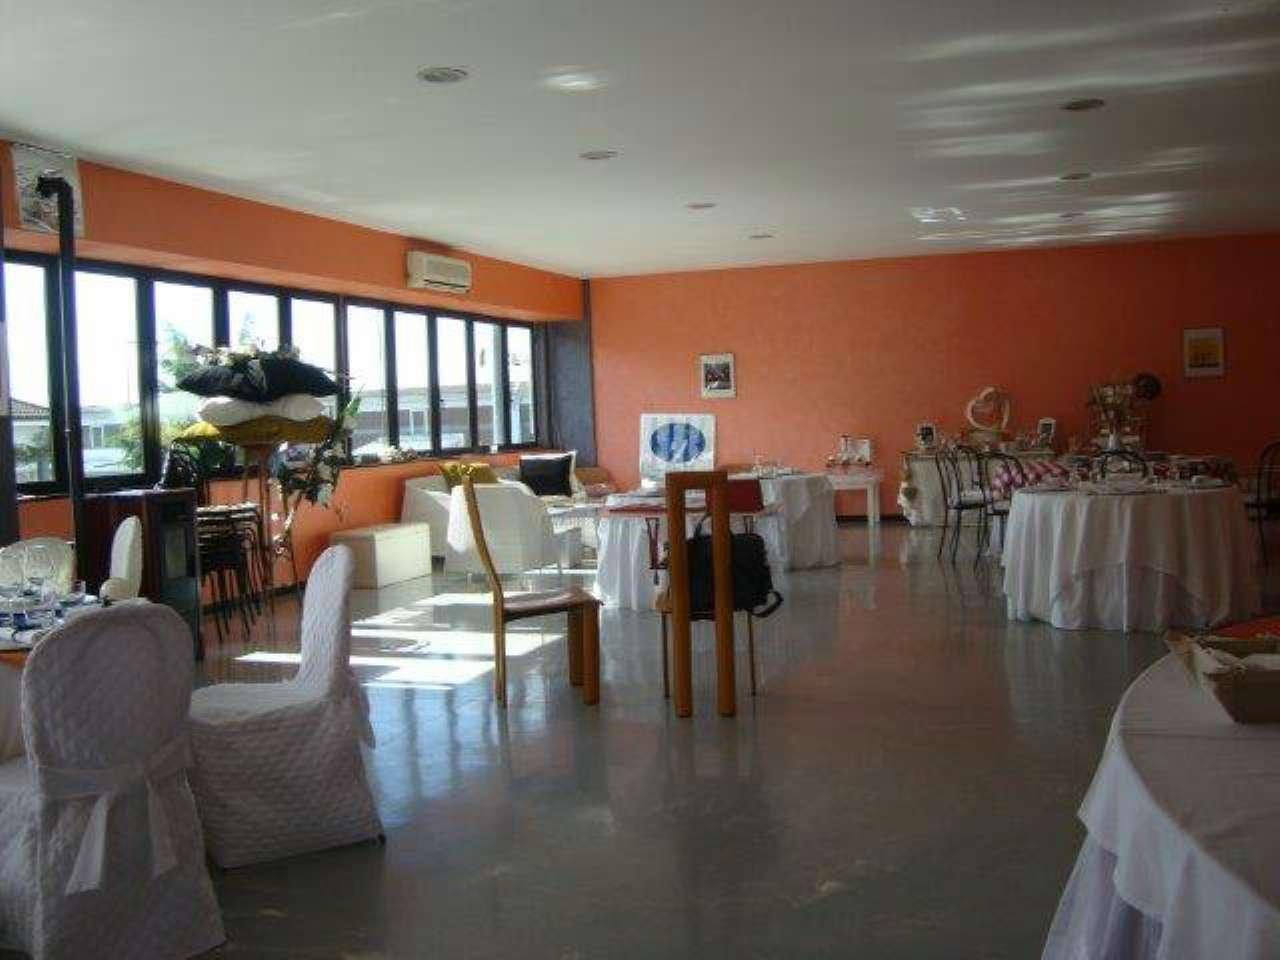 Ristorante / Pizzeria / Trattoria in vendita a Val della Torre, 5 locali, Trattative riservate | Cambio Casa.it